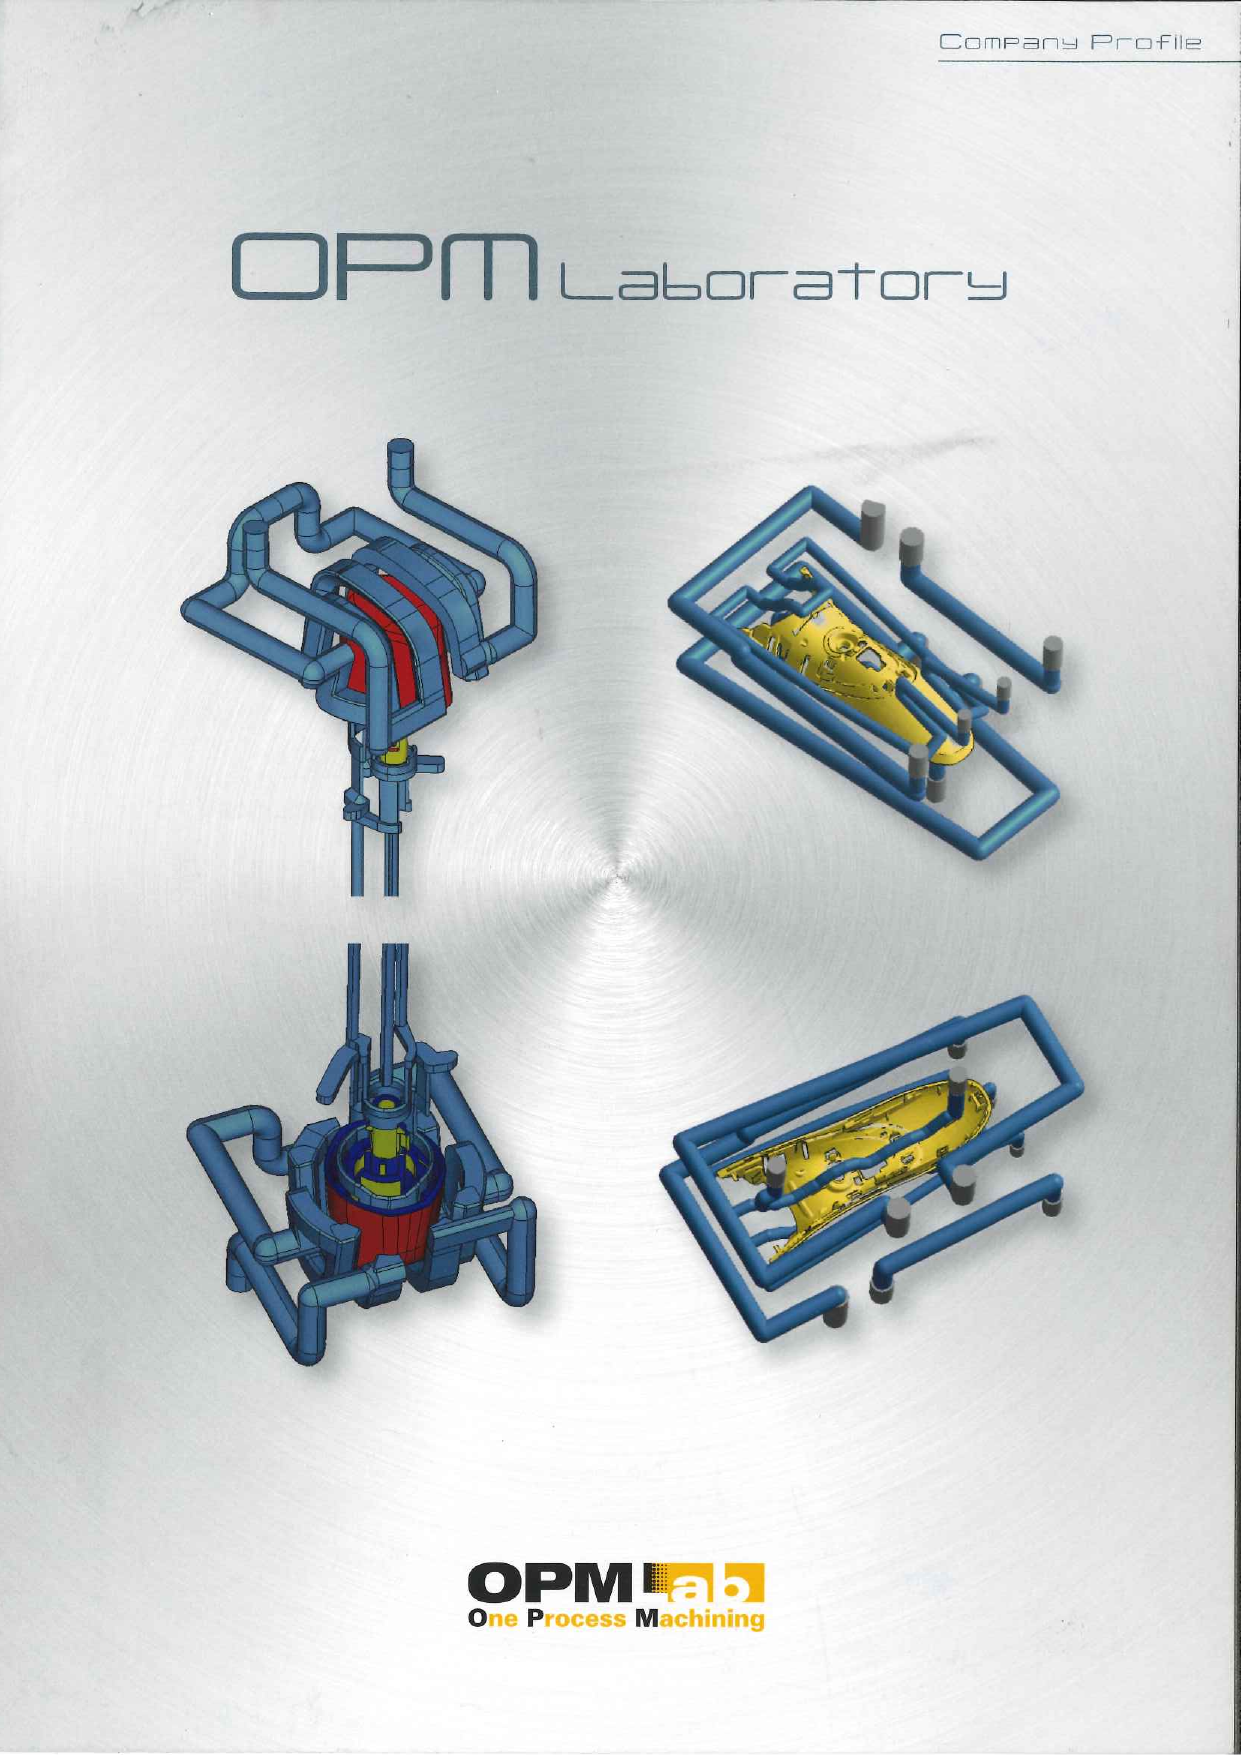 ハイブリッド式金属3Dプリンタ OPMラボラトリー 会社概要